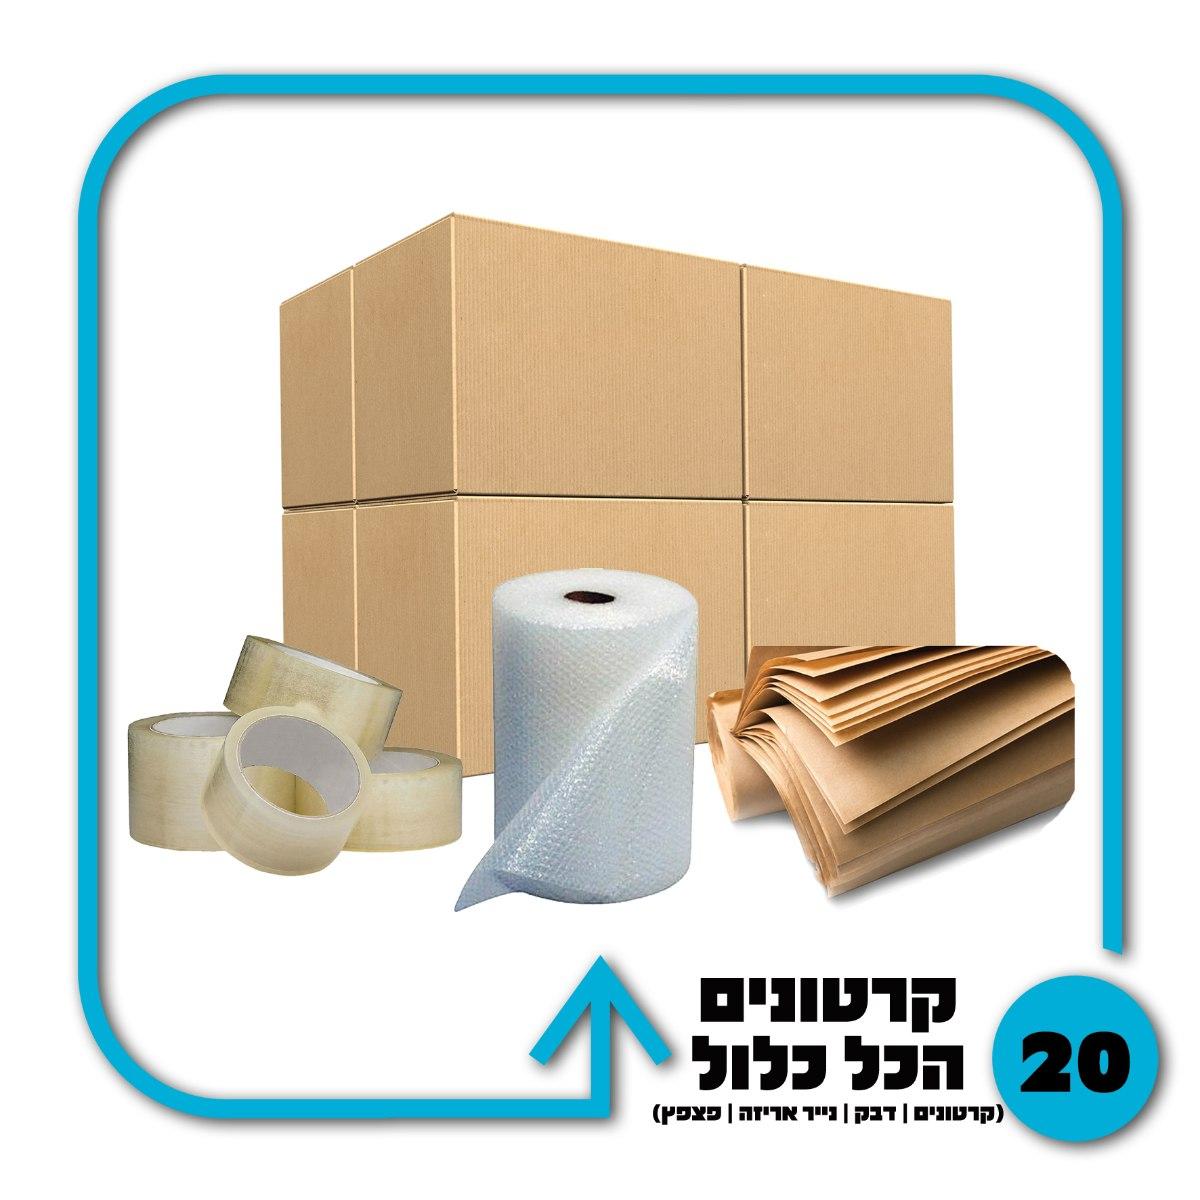 חבילת חומרי אריזה + 20 קרטונים - חדר אחד